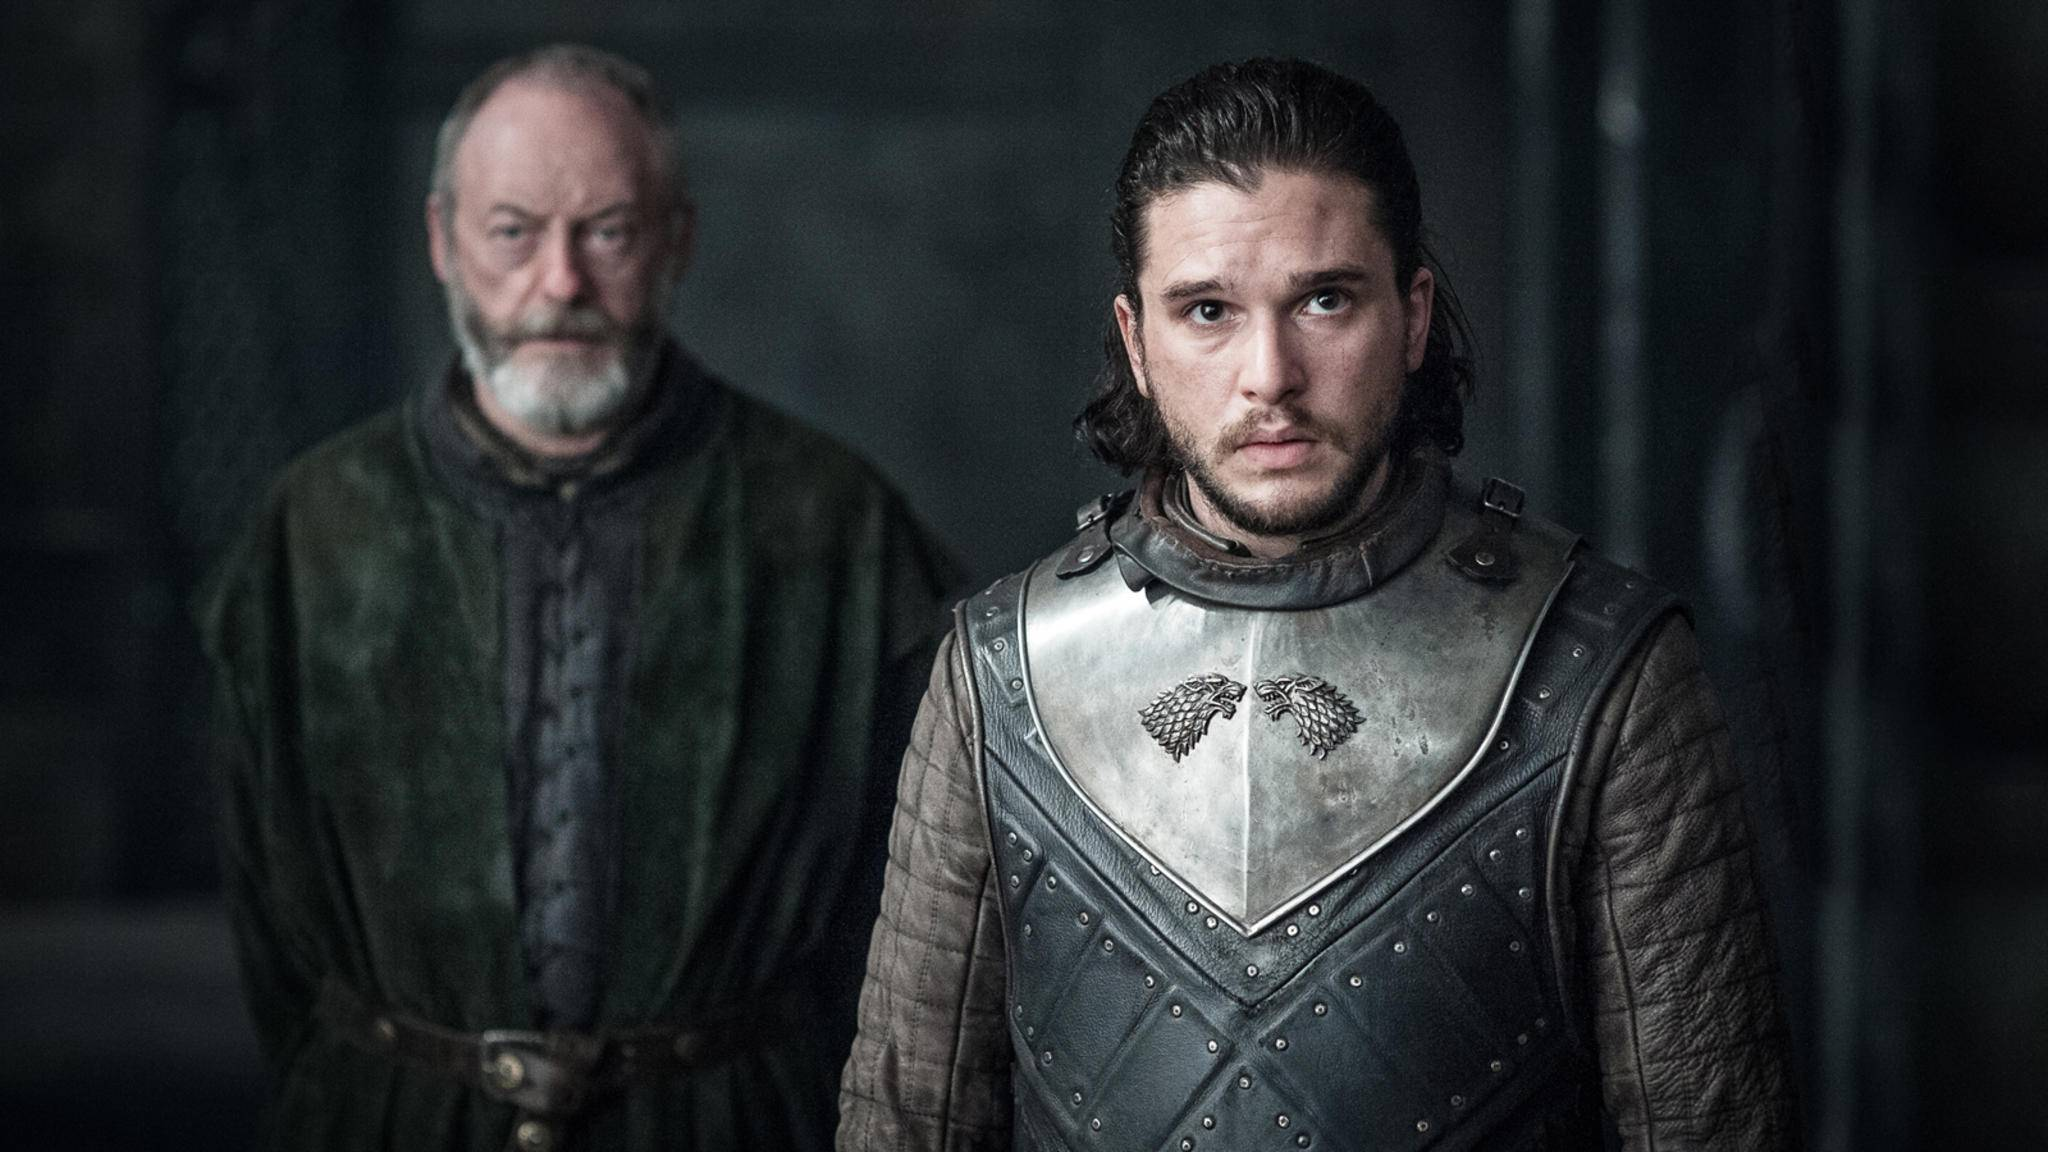 Überraschung! Jon Snow trifft in Staffel 8 einen alten Freund wieder, von dem viele dachten, er sei tot.